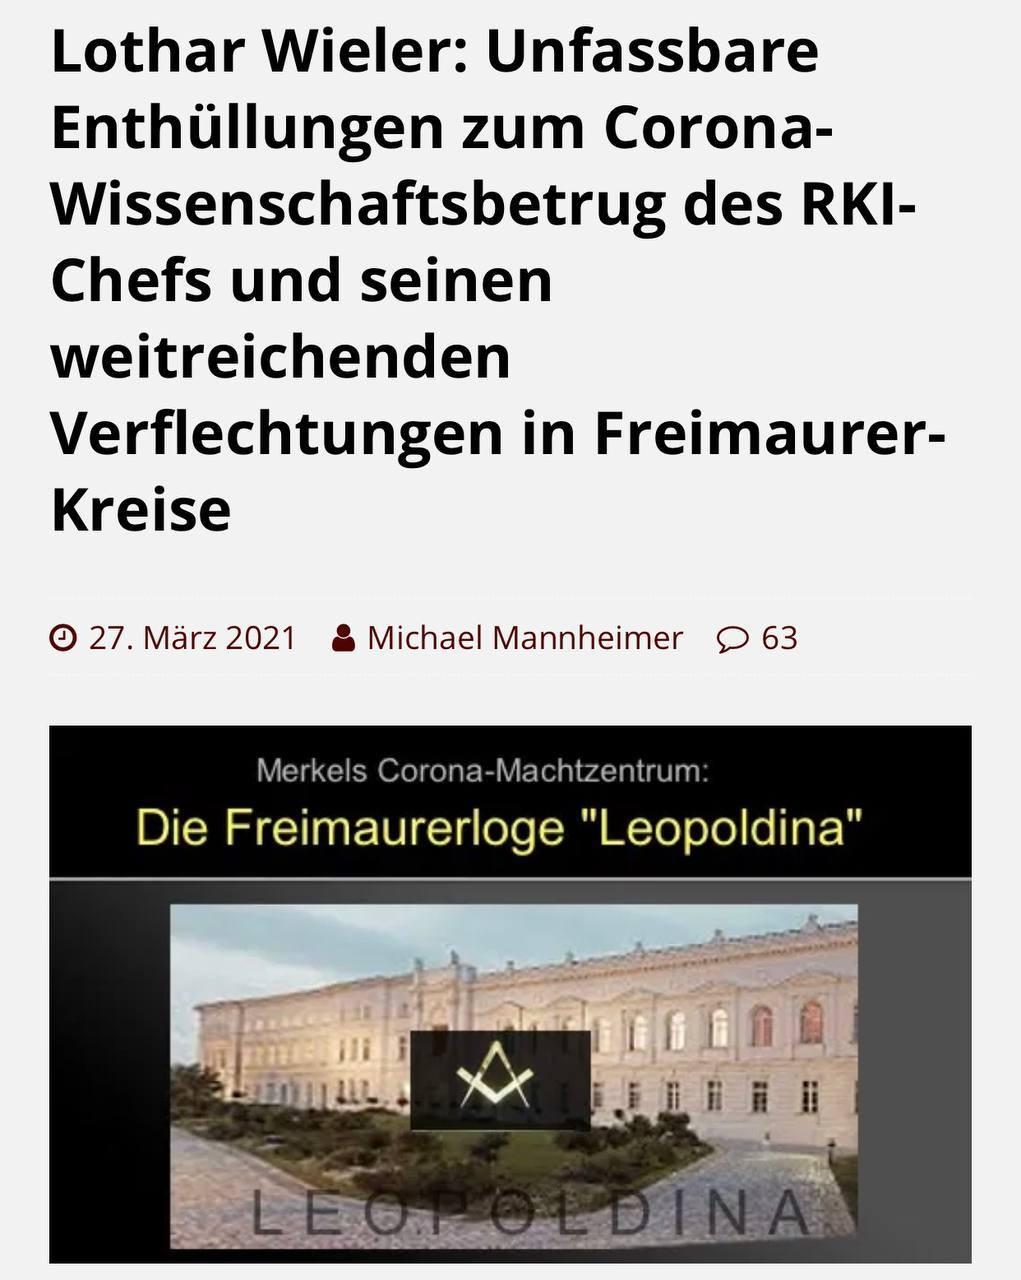 RKI-Chef Wieler und die Freimaurerloge Leopoldina